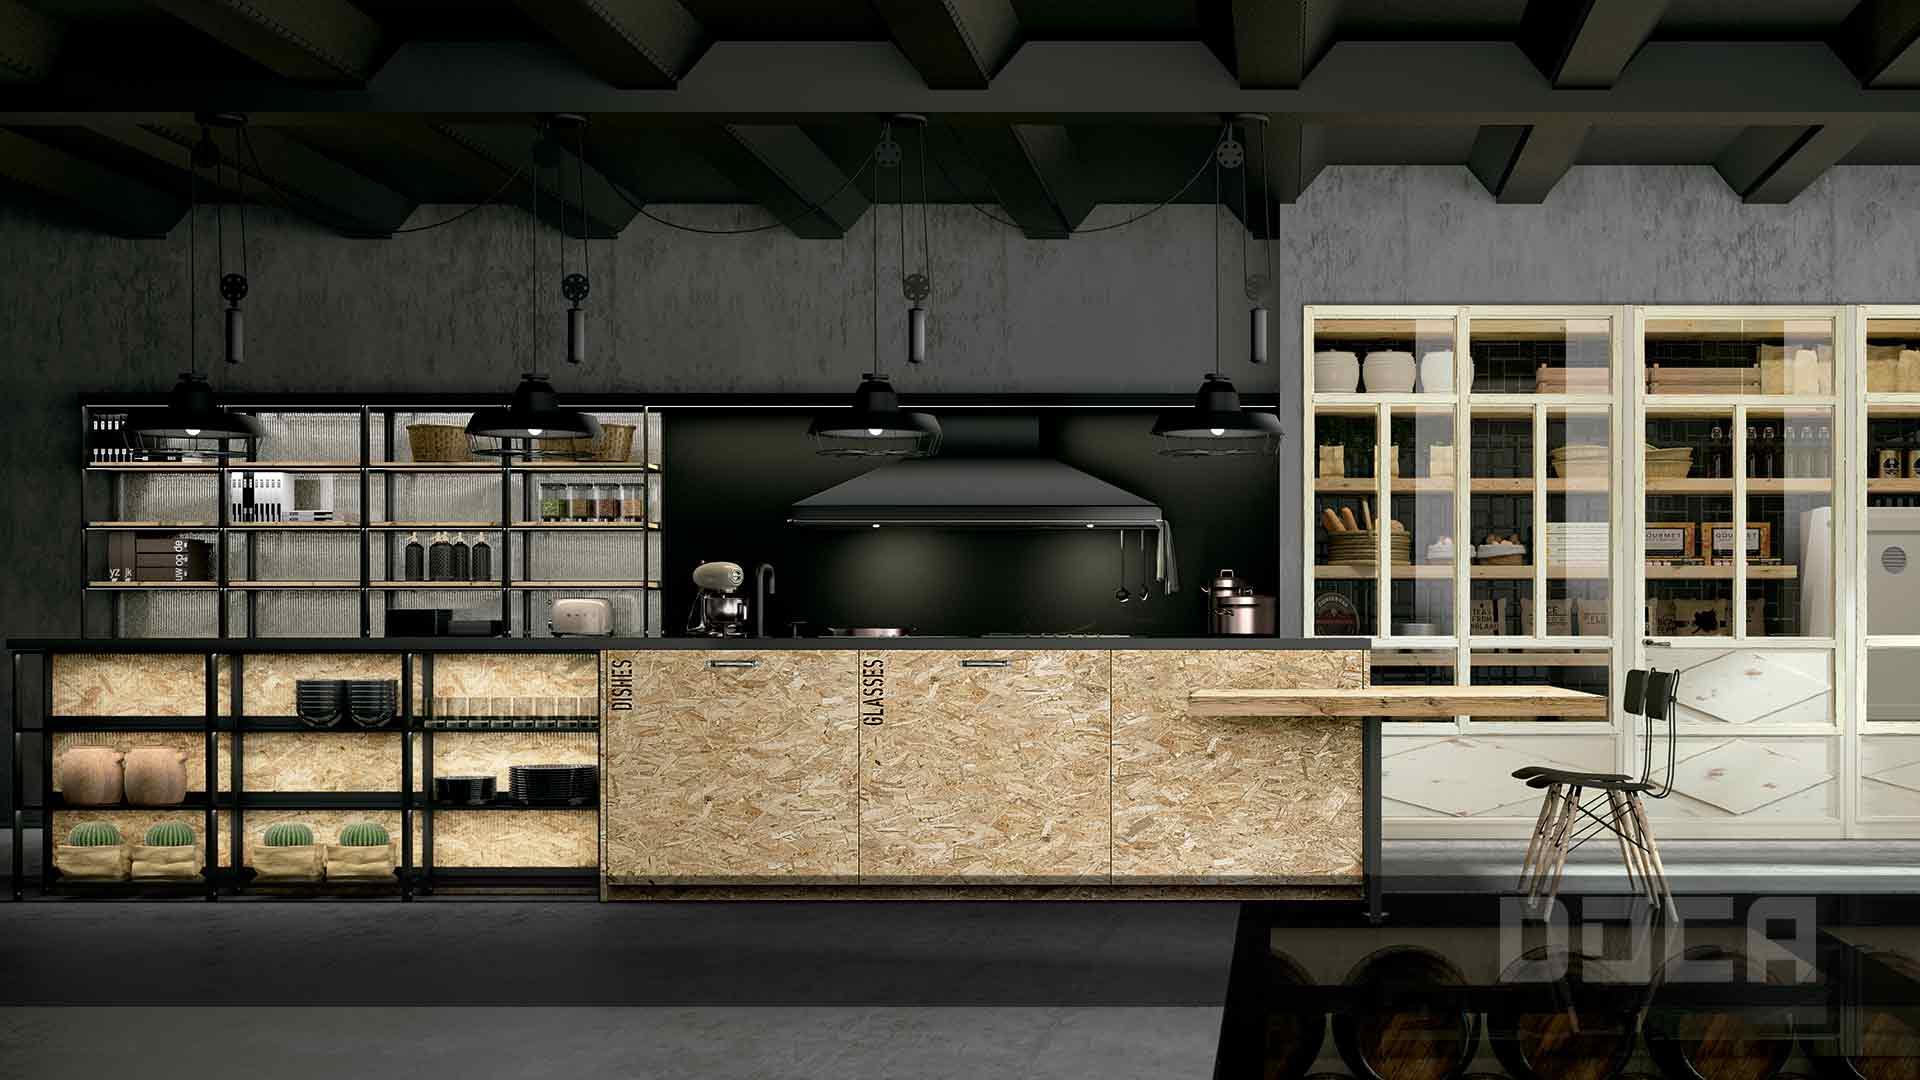 Cocina Aglomerado craft doca 1920x1080 2